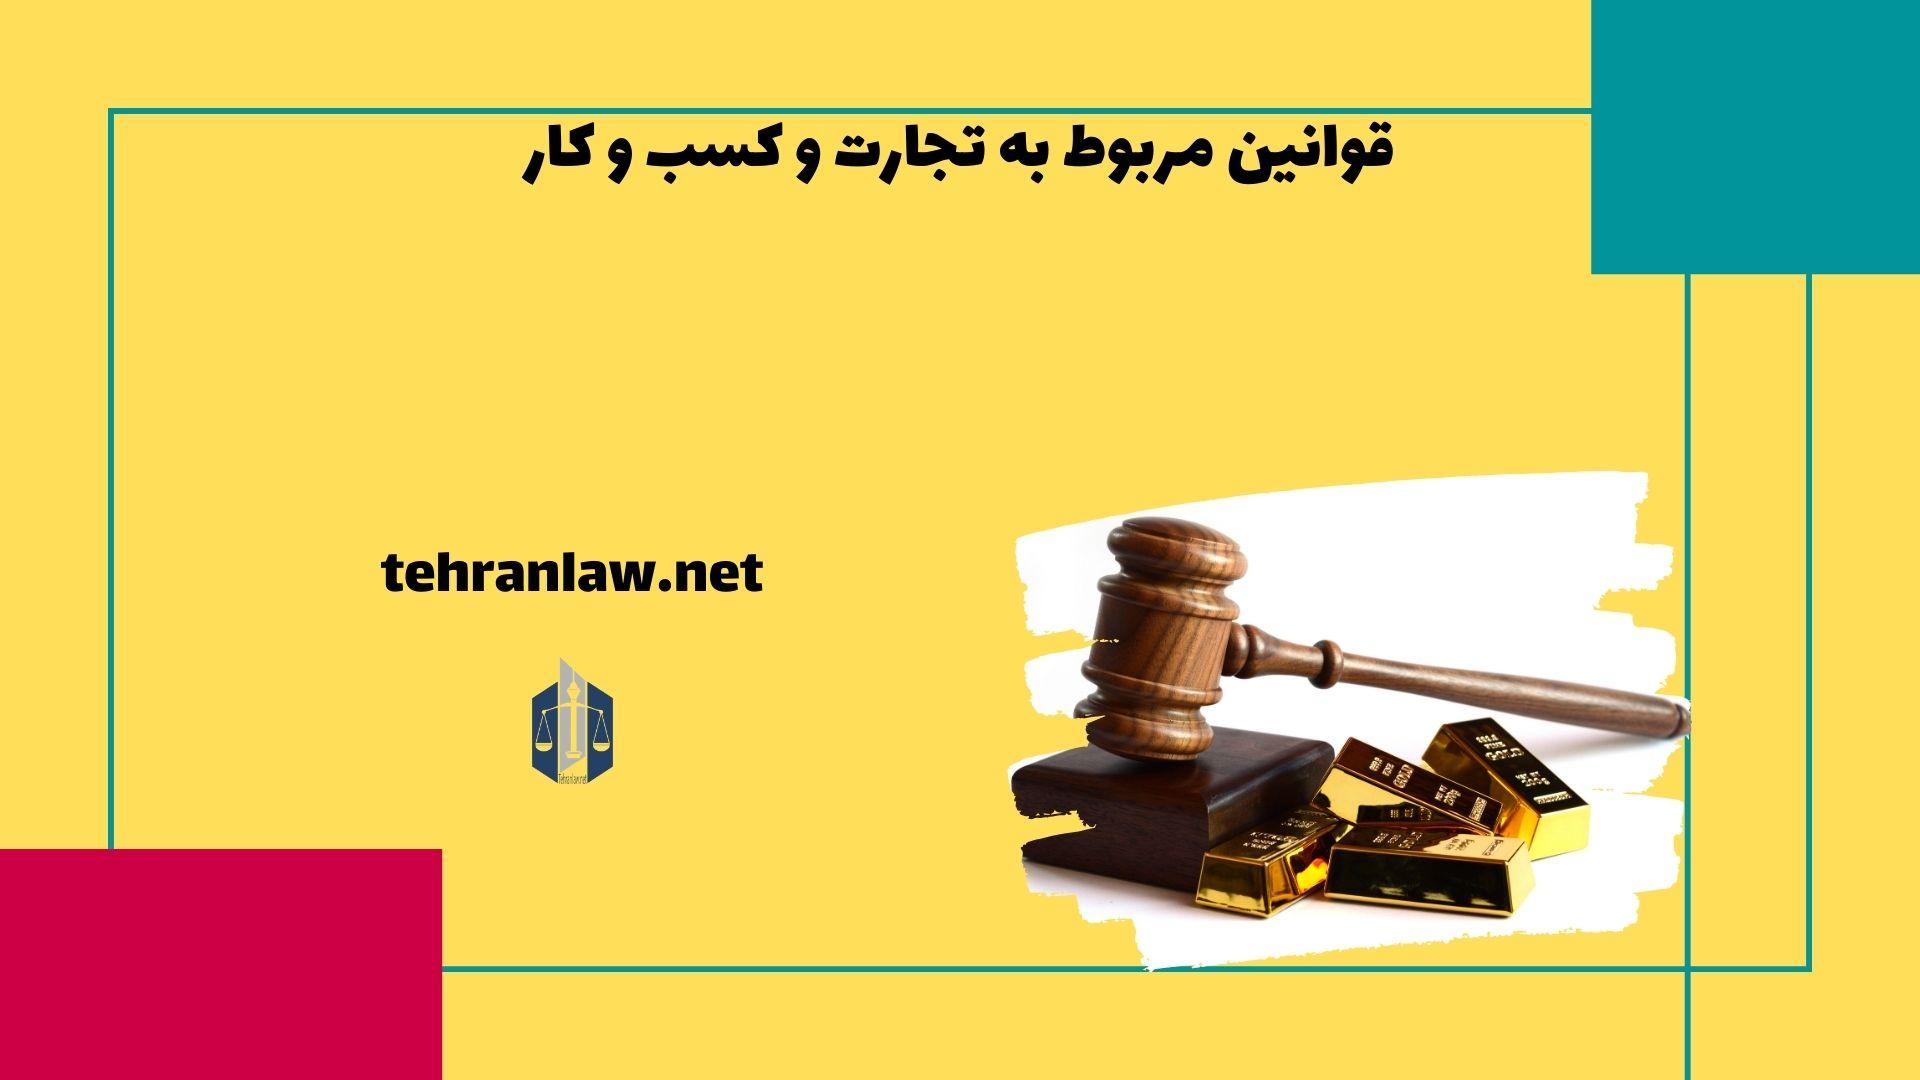 قوانین مربوط به تجارت و کسب و کار